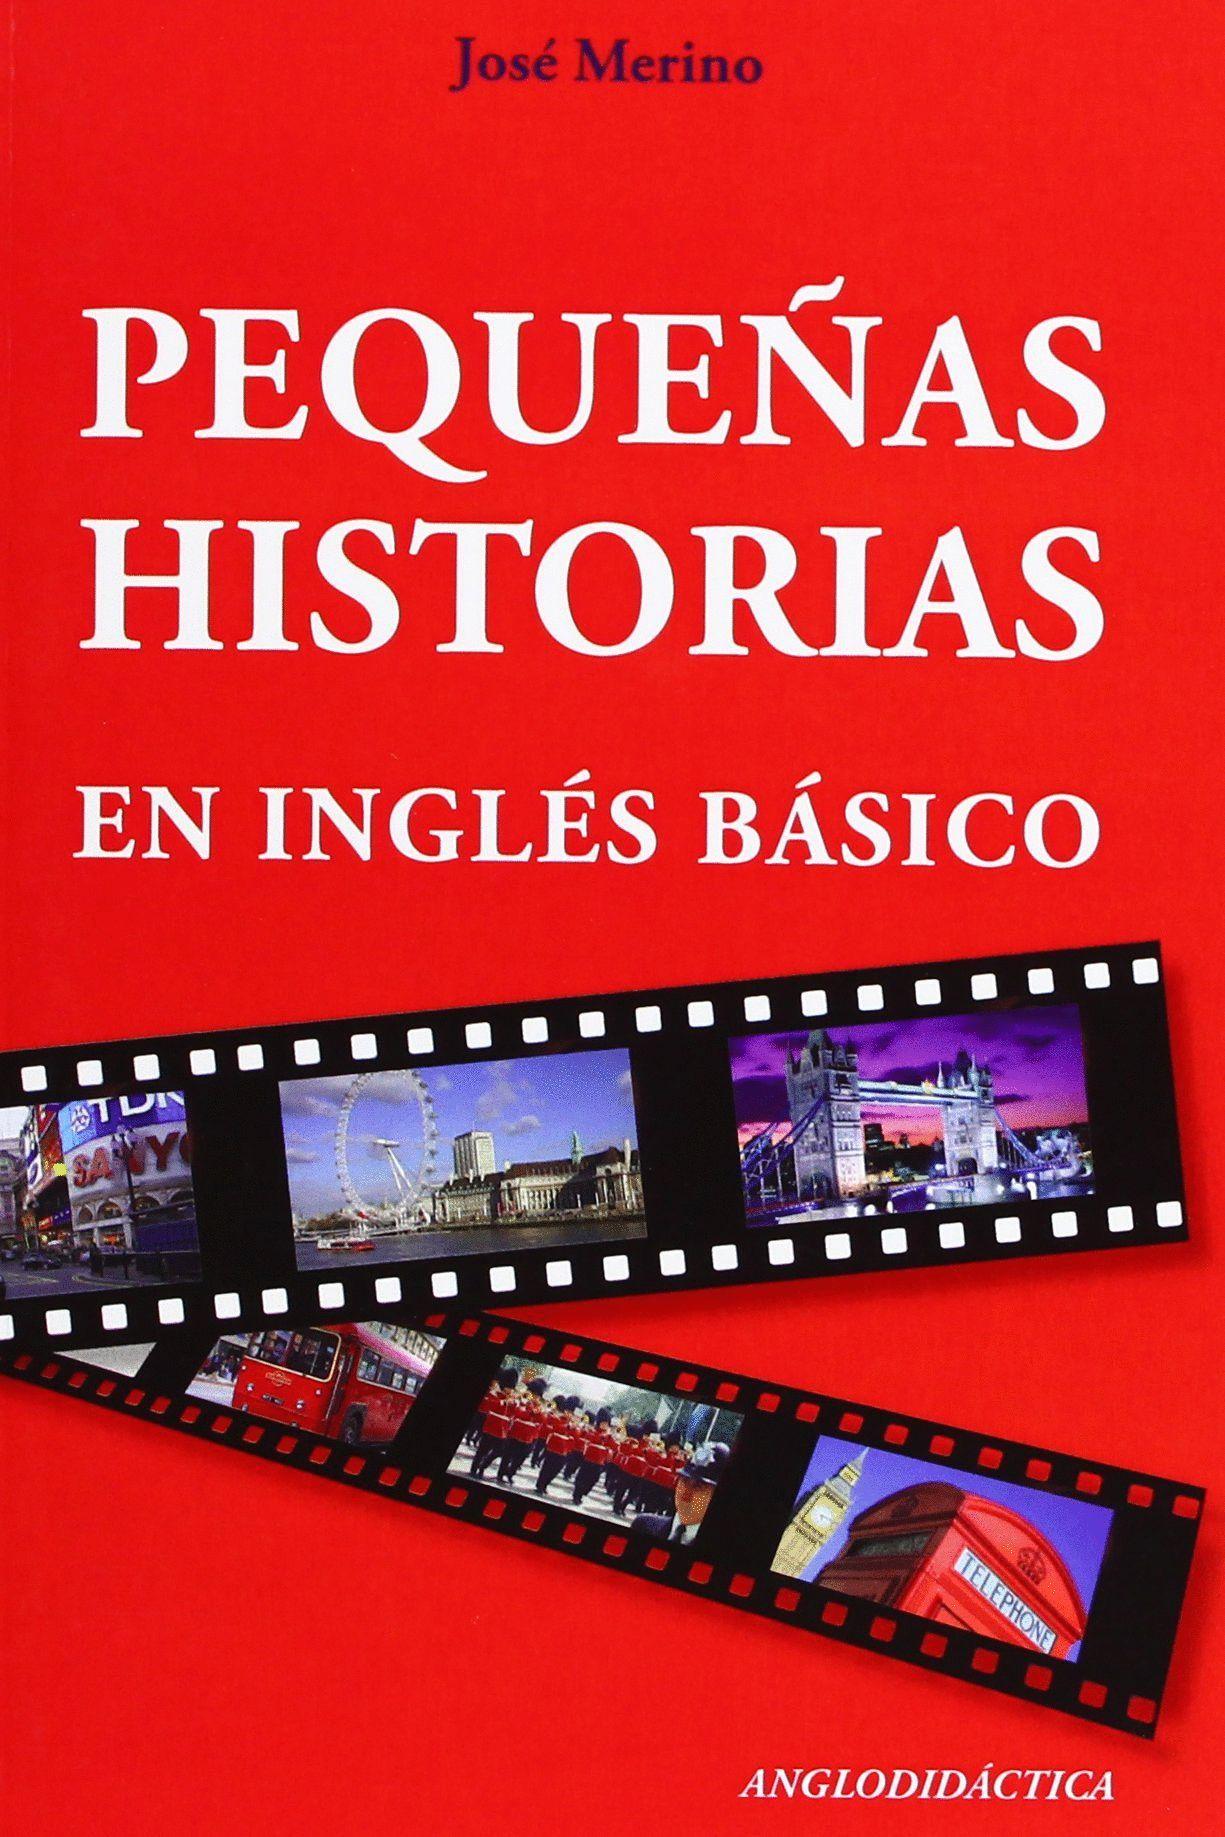 PEQUEÑAS HISTORIAS EN INGLÉS BÁSICO